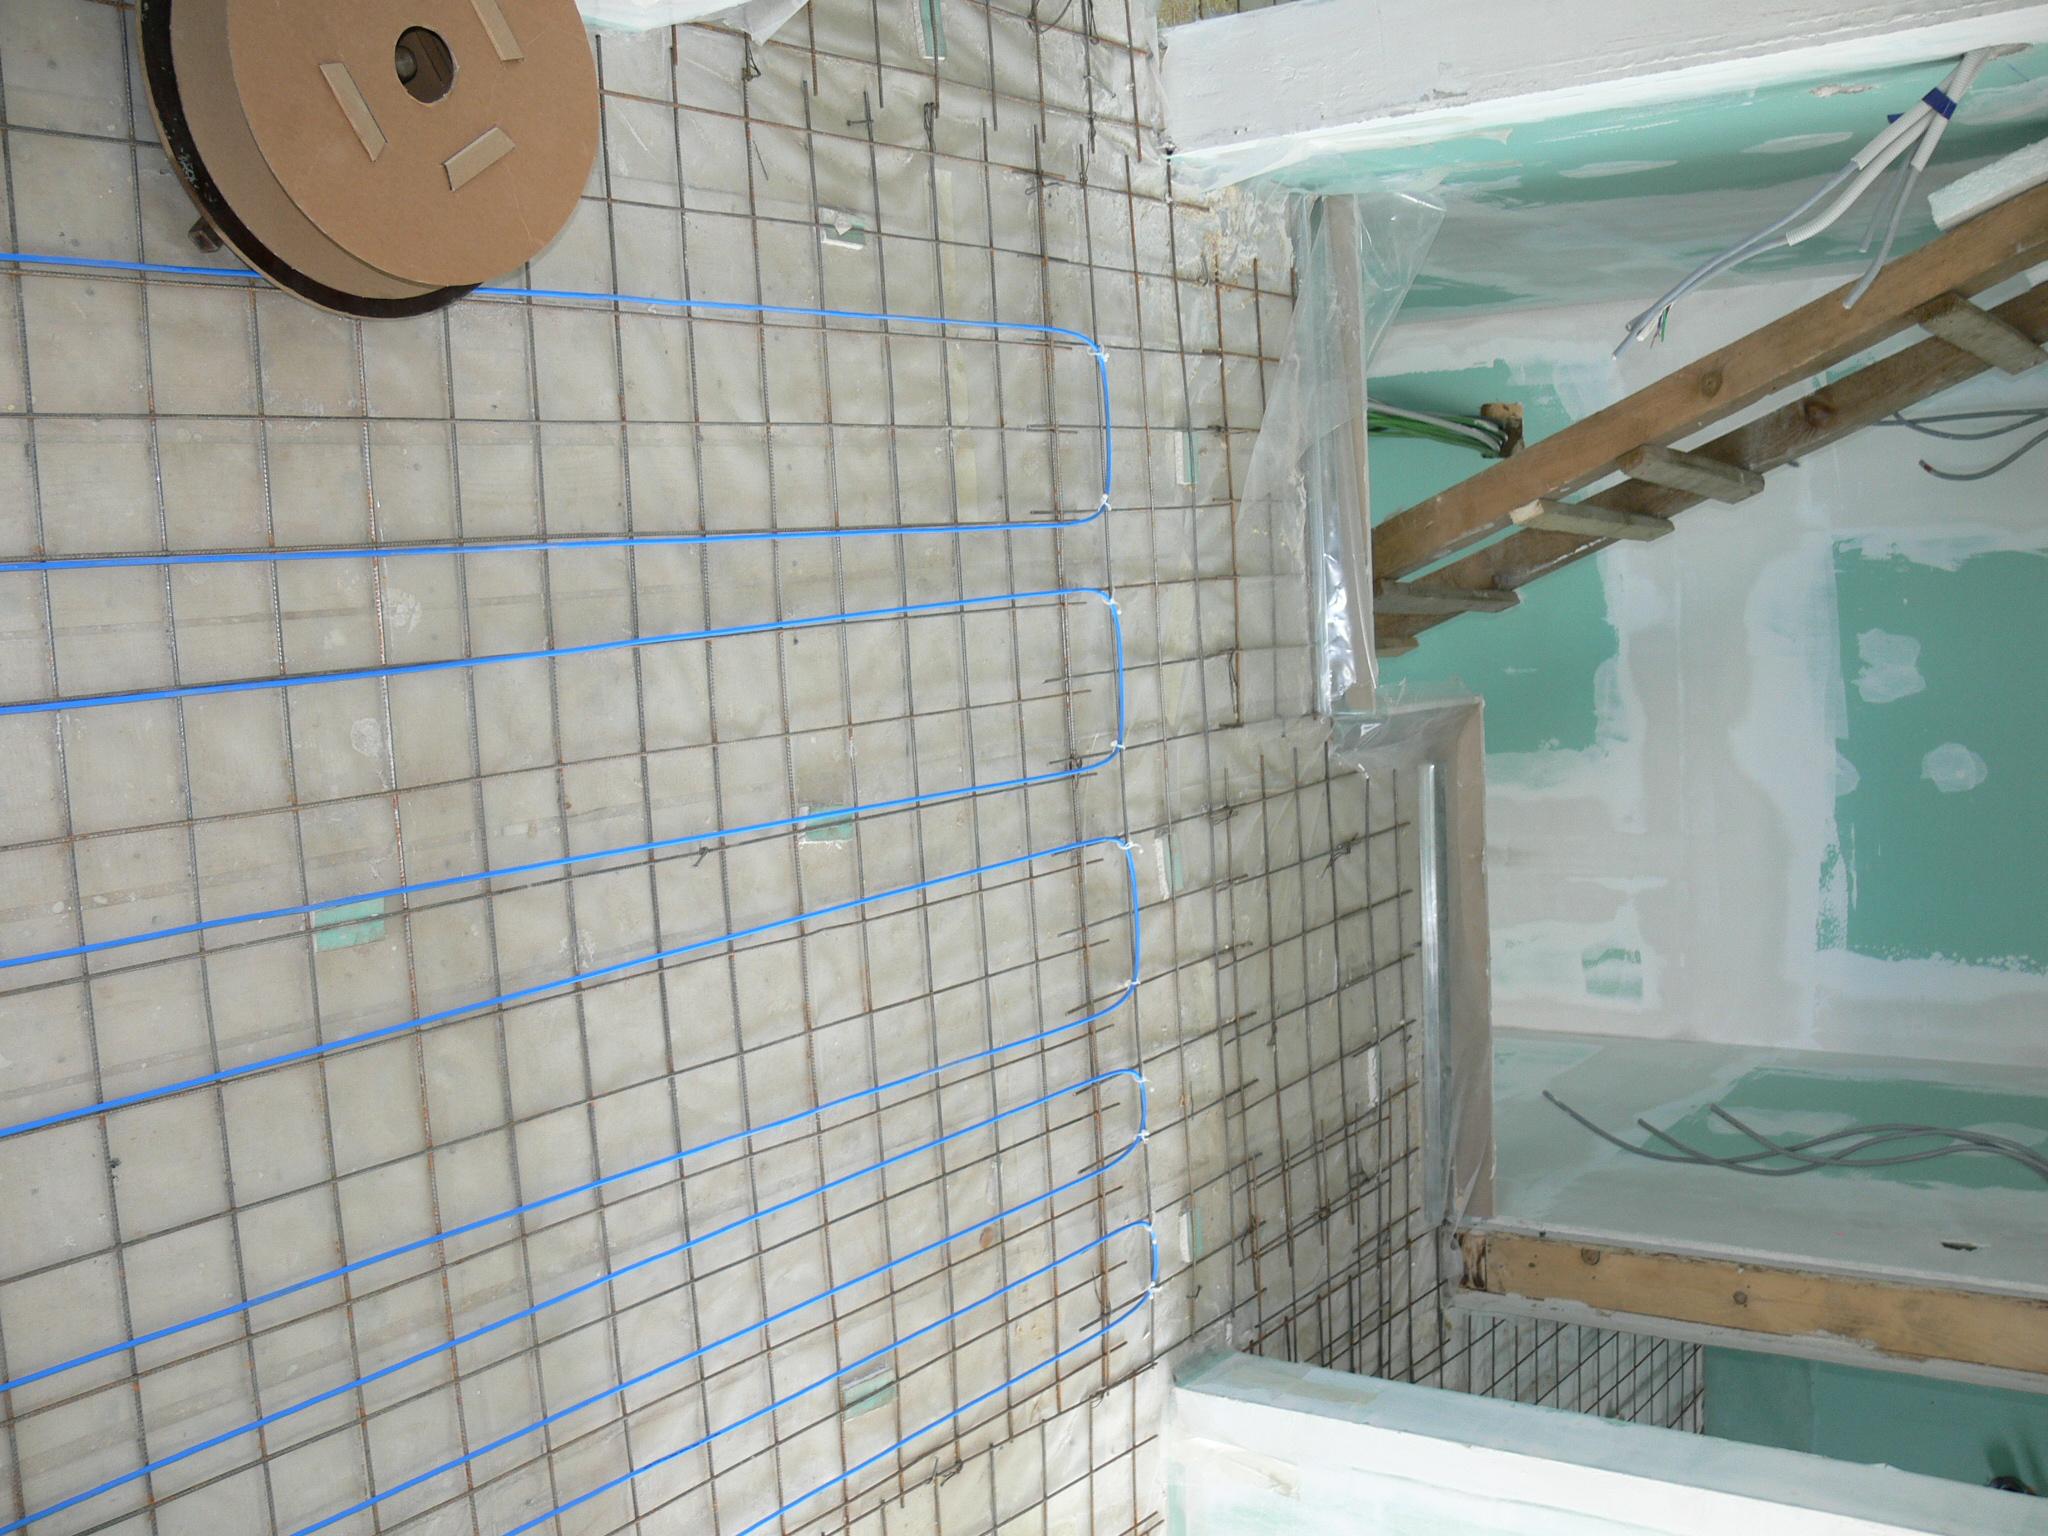 Sistem de incalzire electrica prin pardoseala RAYCHEM - Poza 6